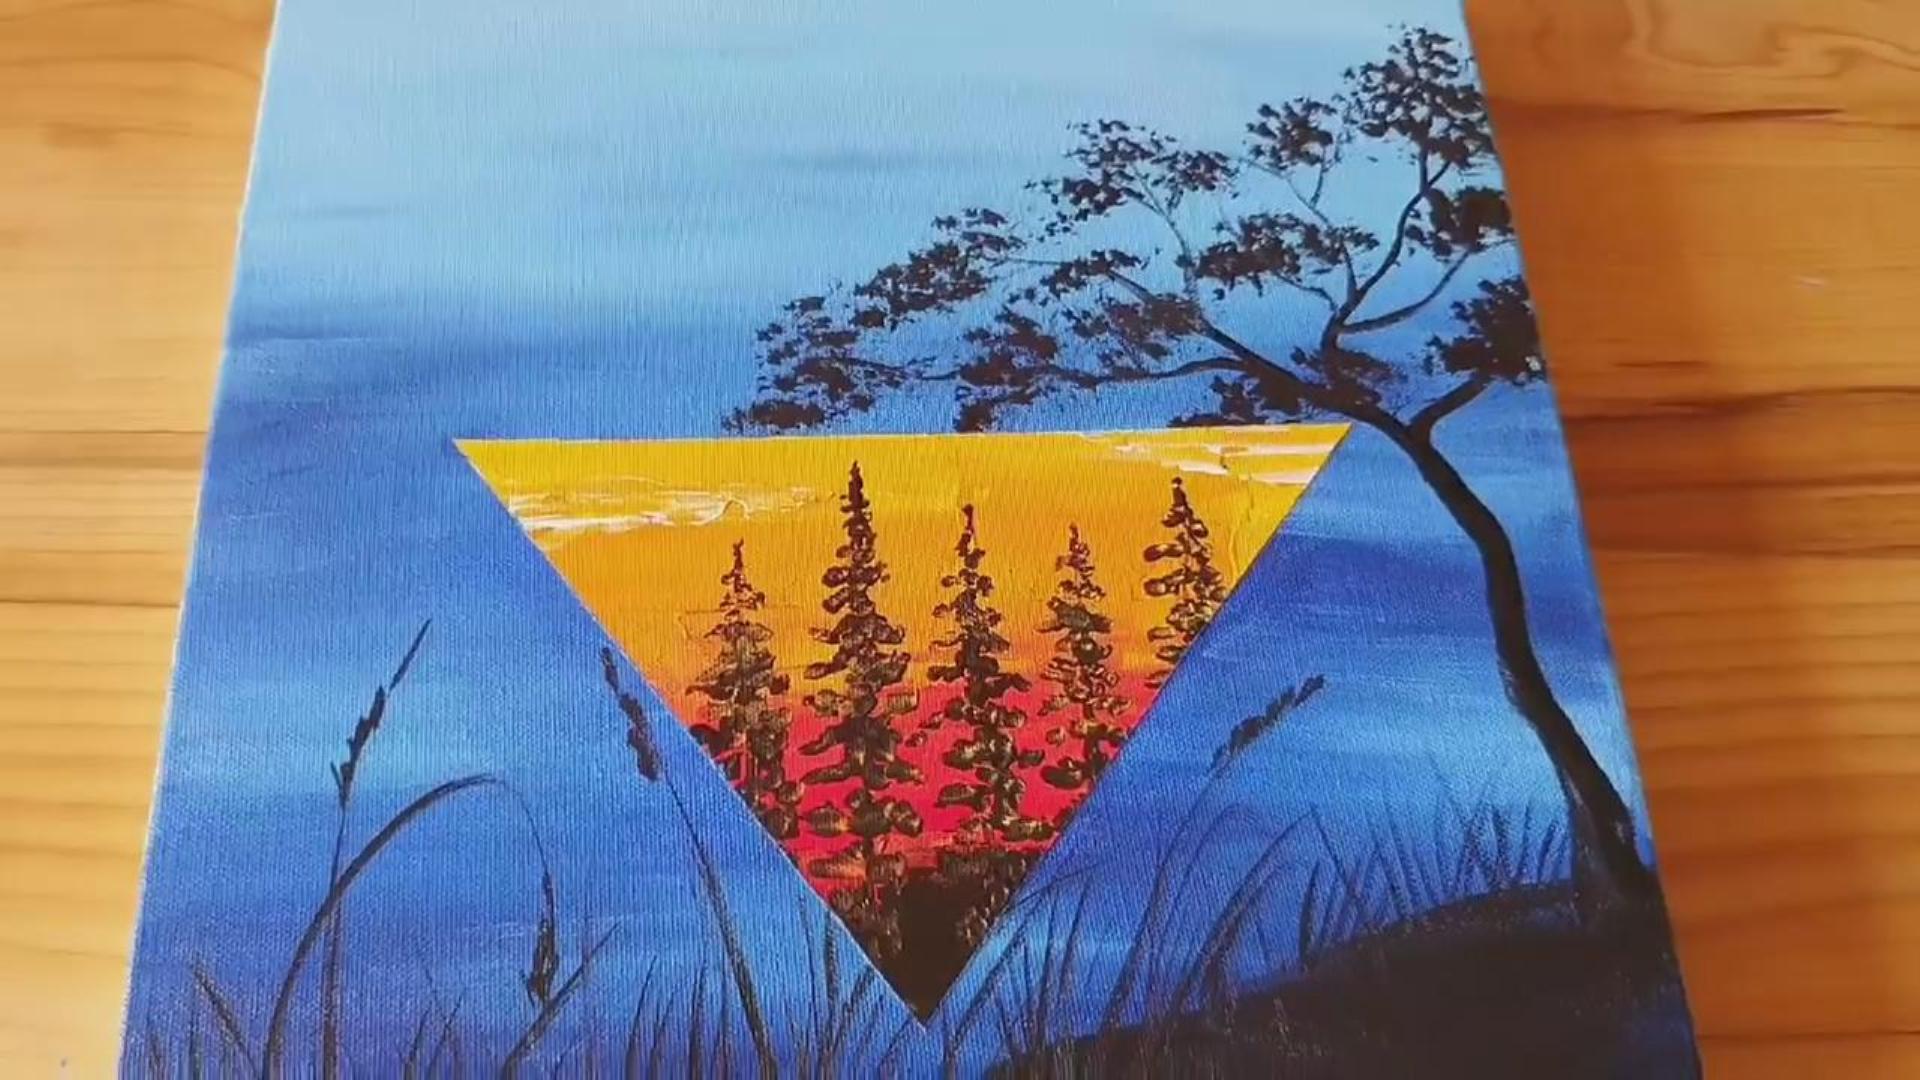 手工绘画教程,三角形夜景画的绘制方法!